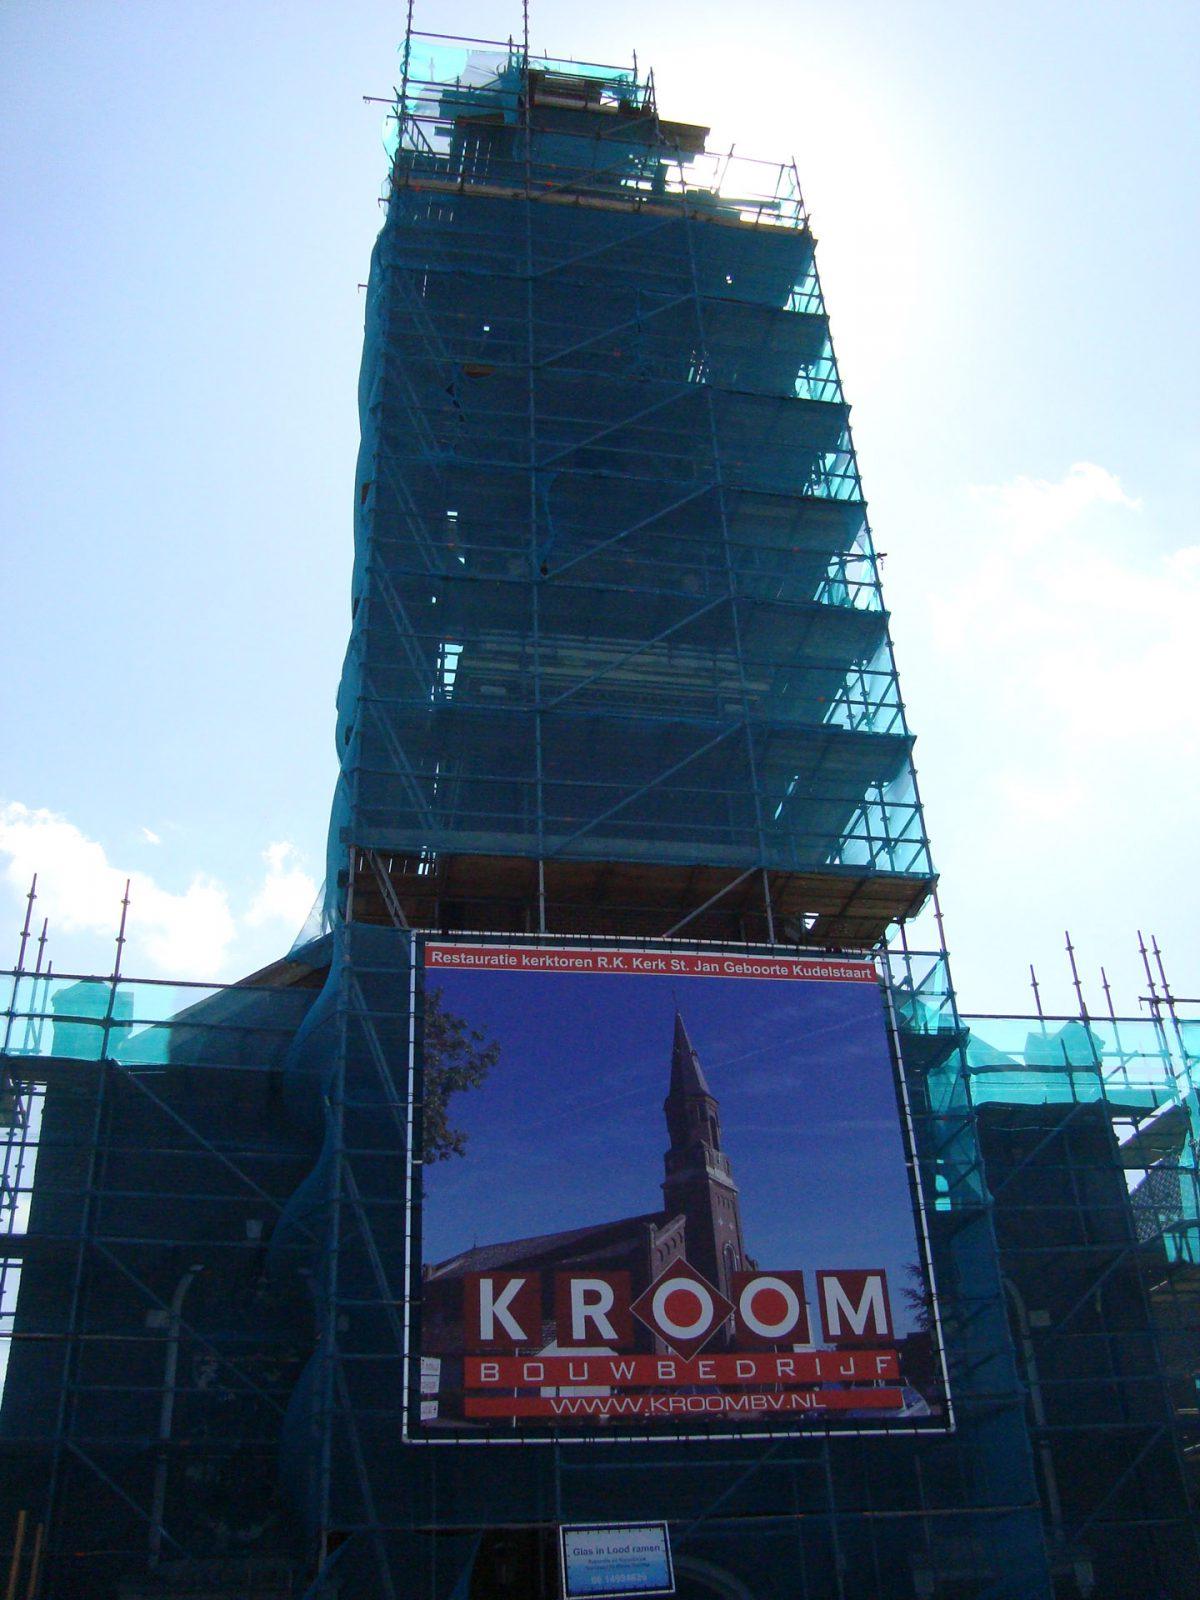 aannemersbedrijf_kroom_renovatie_kerktoren1-1200x1600.jpeg